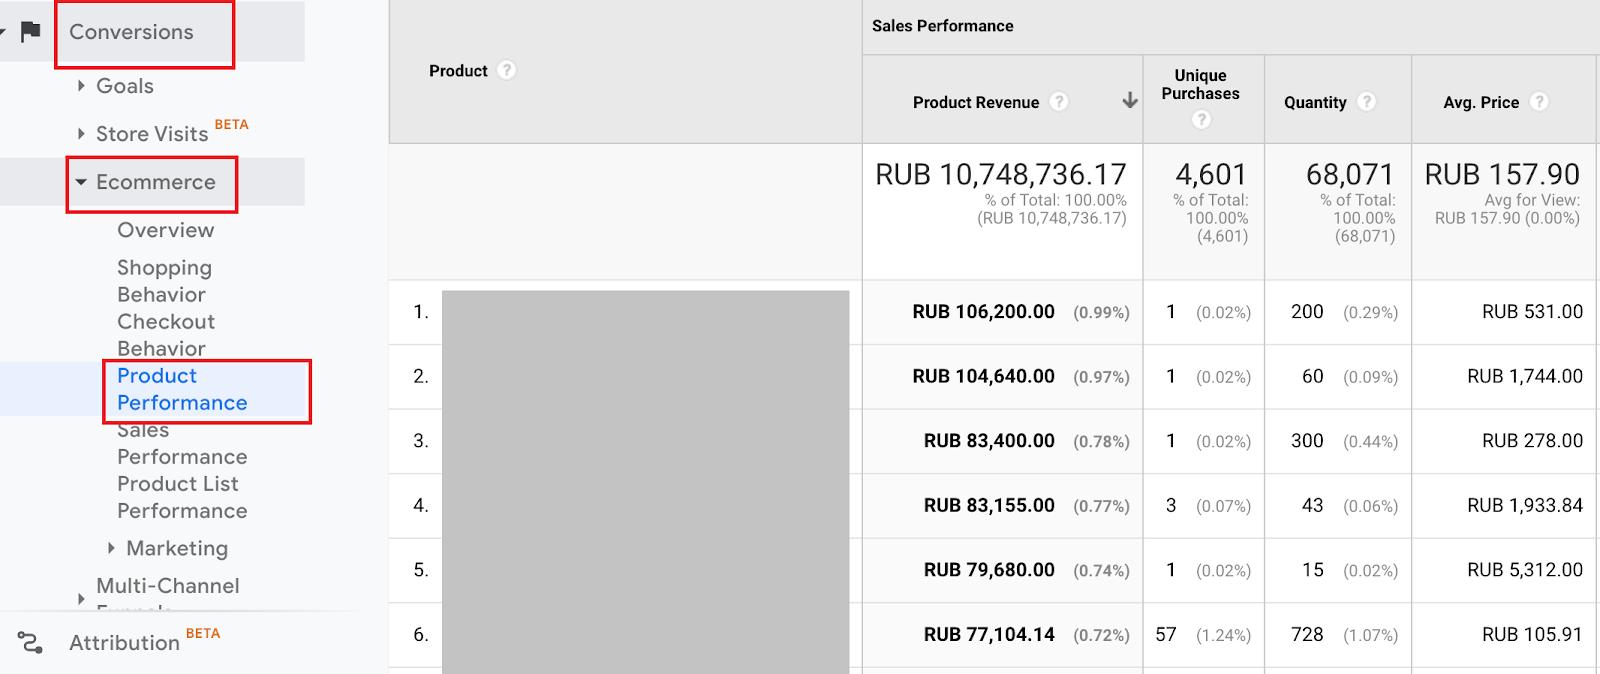 Google Analytics → если у вас настроена расширенная электронная торговля, вы можете просмотреть отчет производительности каждого продукта за нужный вам период. Проанализируйте, сколько раз покупали каждый товар и сколько он принес дохода. Возможно, из-за невысокой цены товара его будет невыгодно продвигать (особенно с учетом скидок)